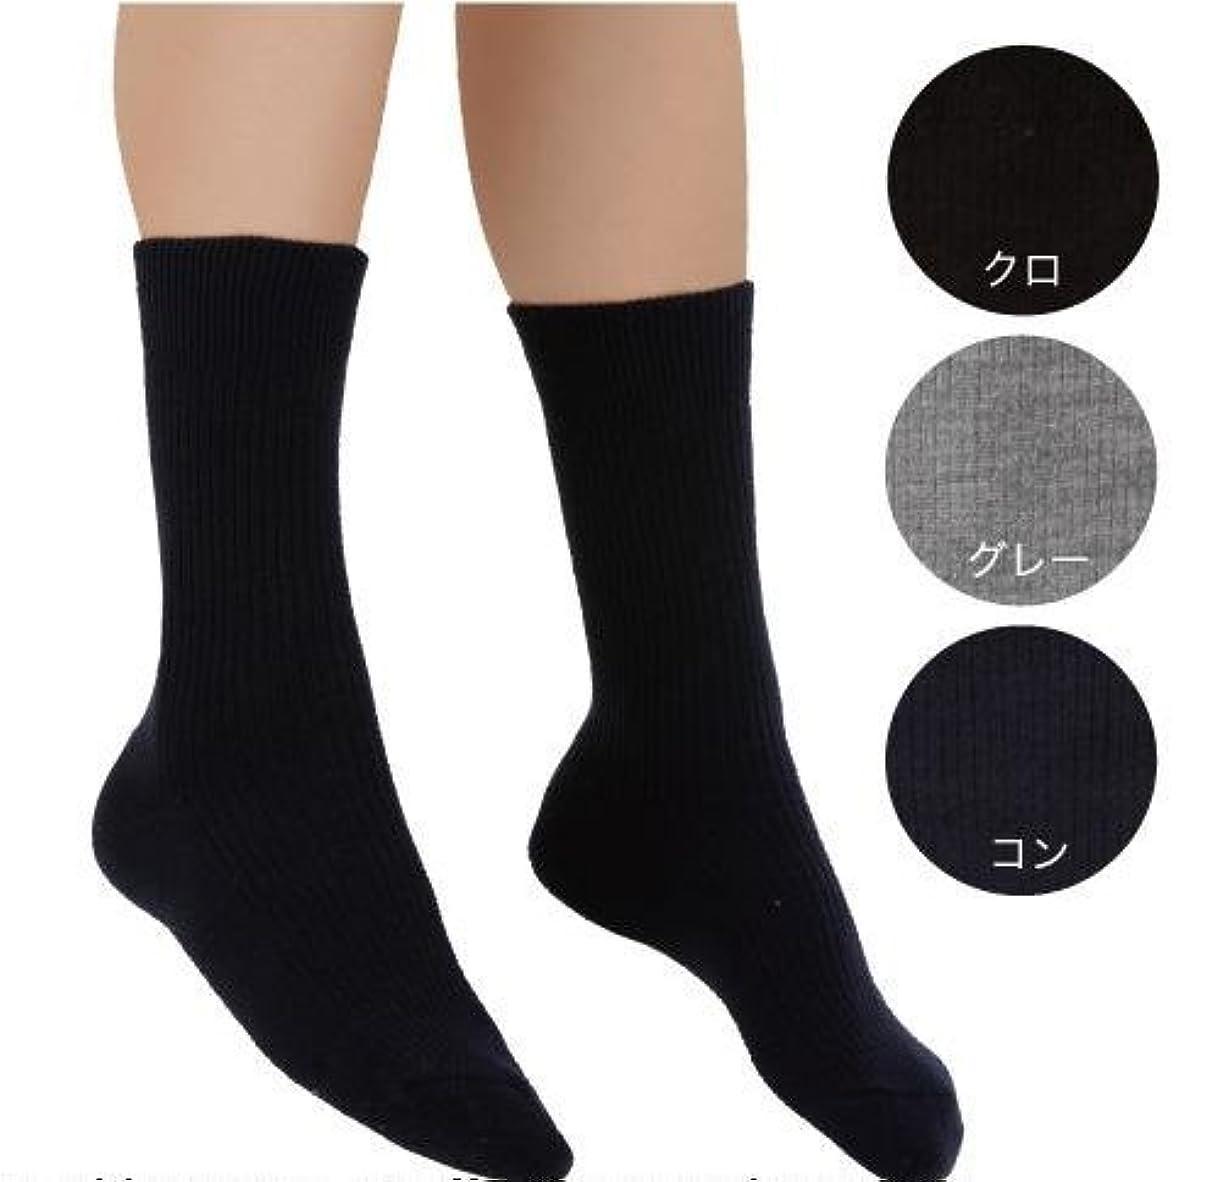 コンテンポラリー組み合わせ電化する健康肌着 ひだまり ダブルソックス 3足組 (紳士用:黒、紺、グレー の3色組/フリーサイズ(24~26cm))